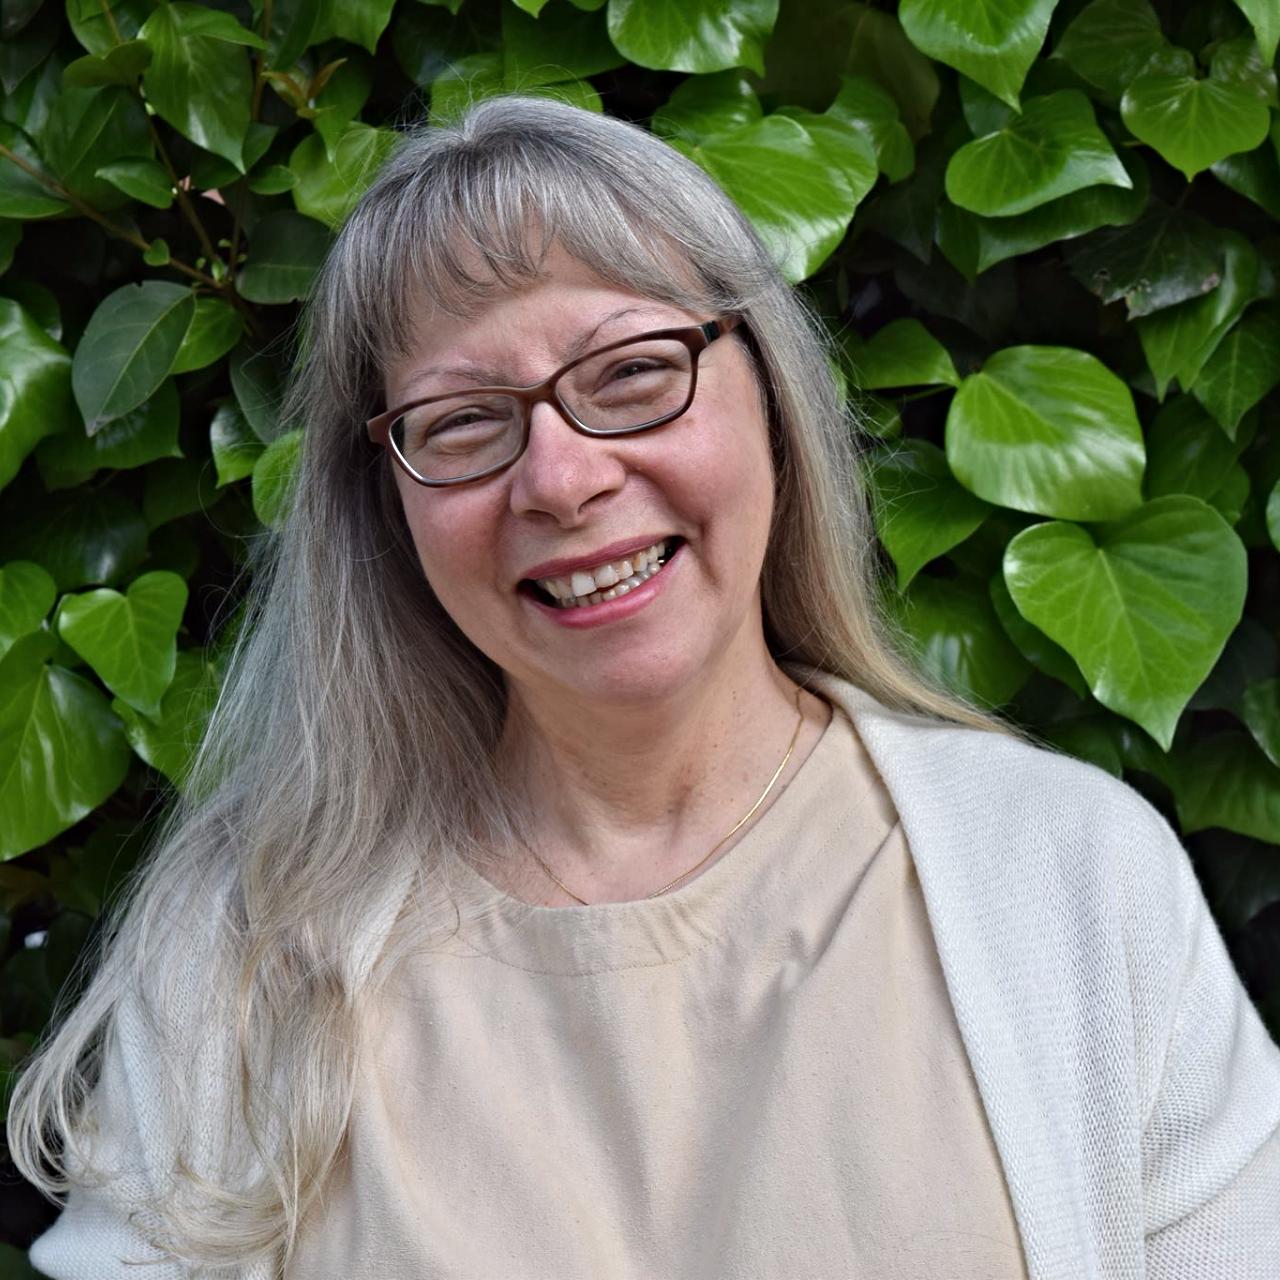 Lori Korleski Richardson, Communications Director